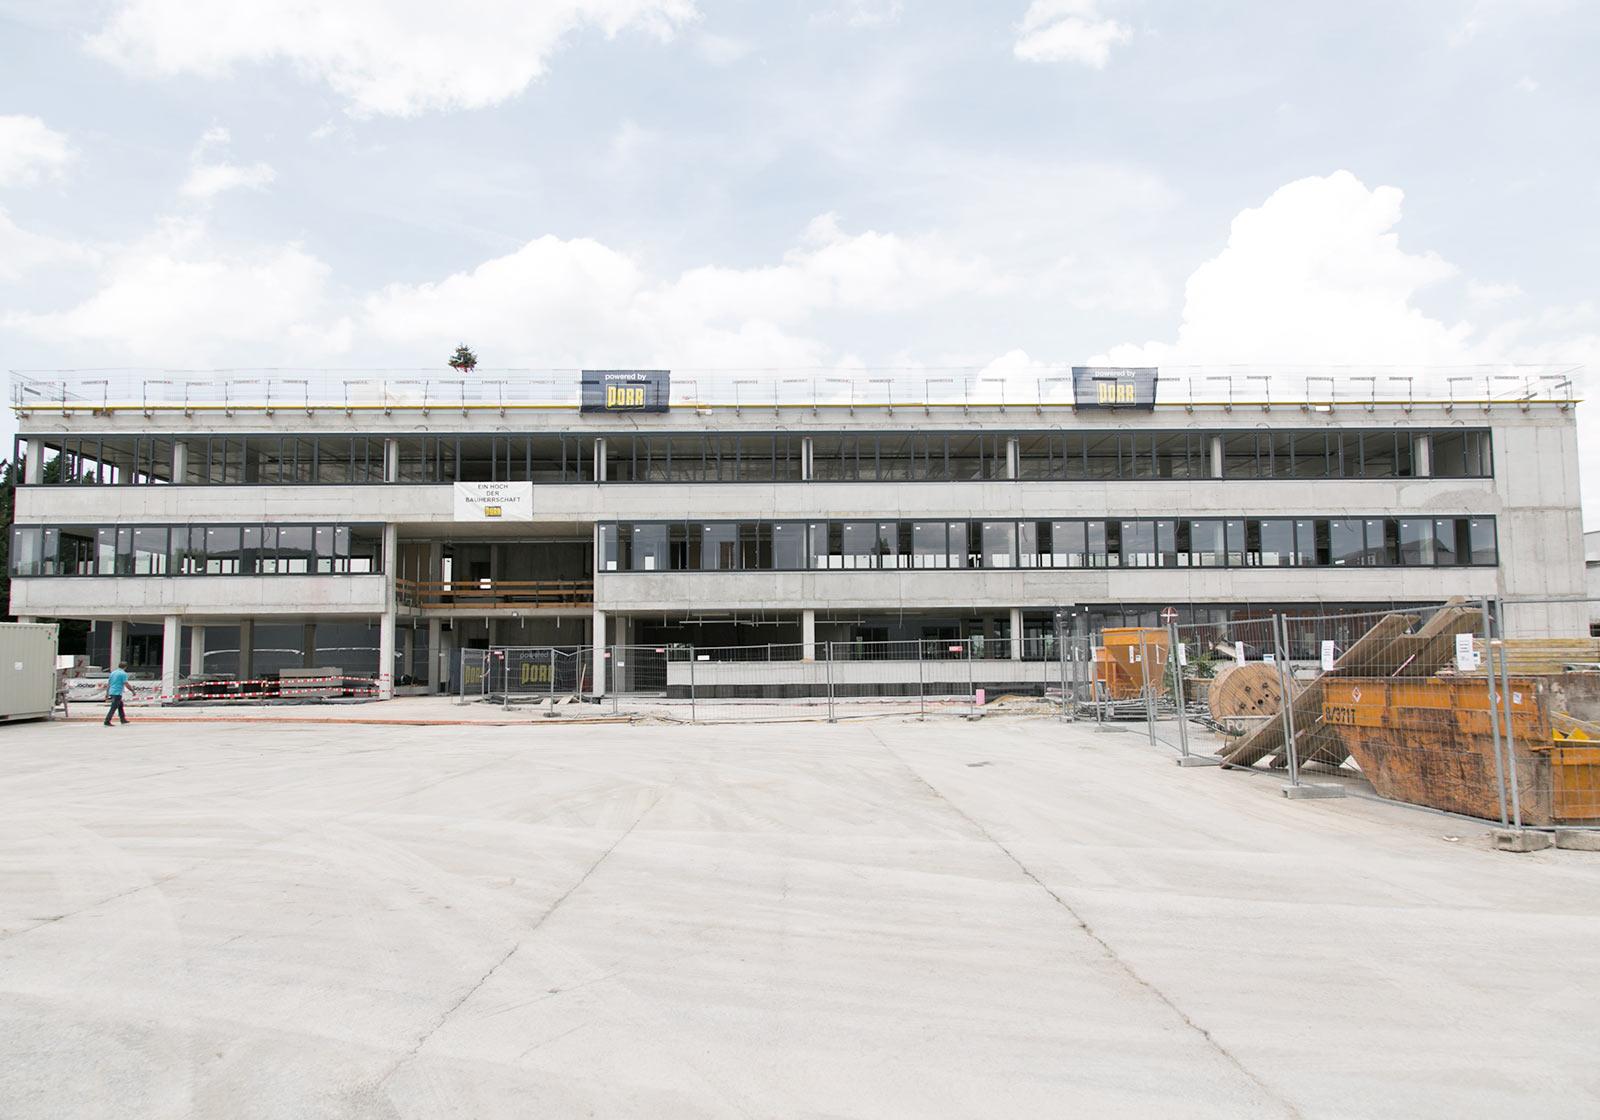 Бетонный каркас нового трехэтажного офисного здания. Фото: PORR AG/APA-Fotoservice/Rastegar